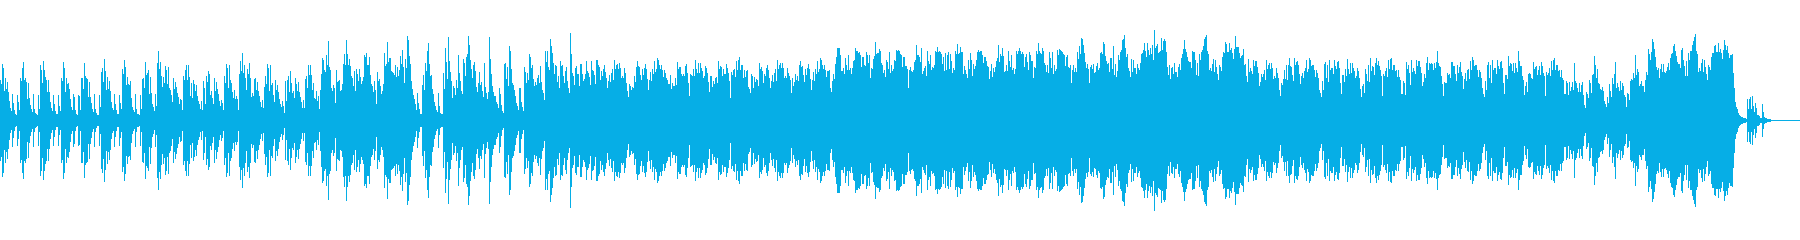 ピアノの旋律が印象的なピアノソロの再生済みの波形